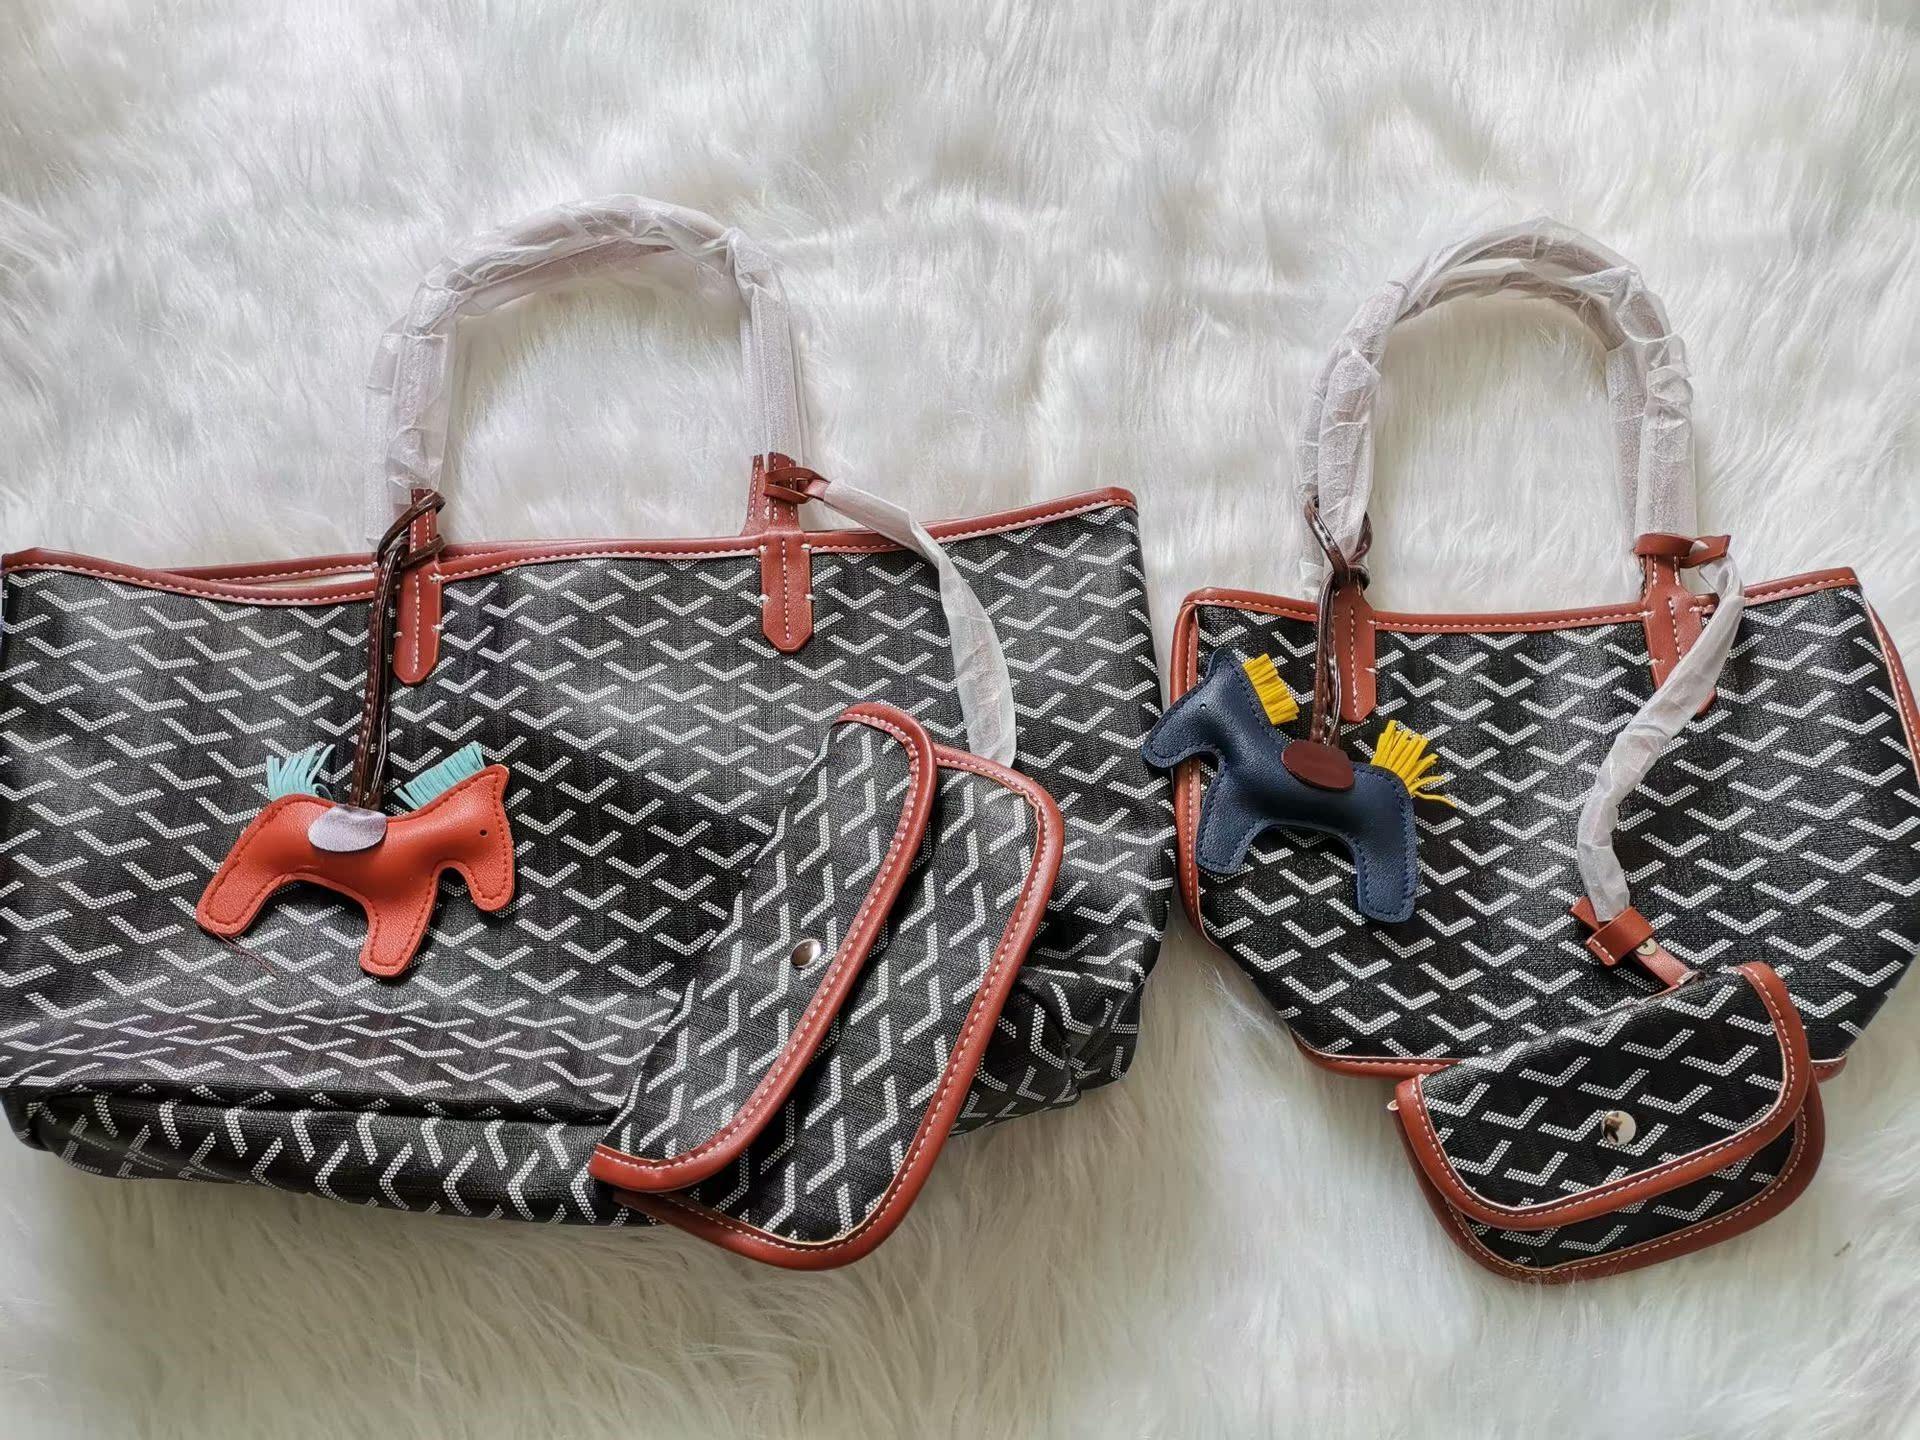 11月06日最新优惠韩国东大门狗牙包EMO mini购物袋菜篮子手提子母包休闲时尚手拎包